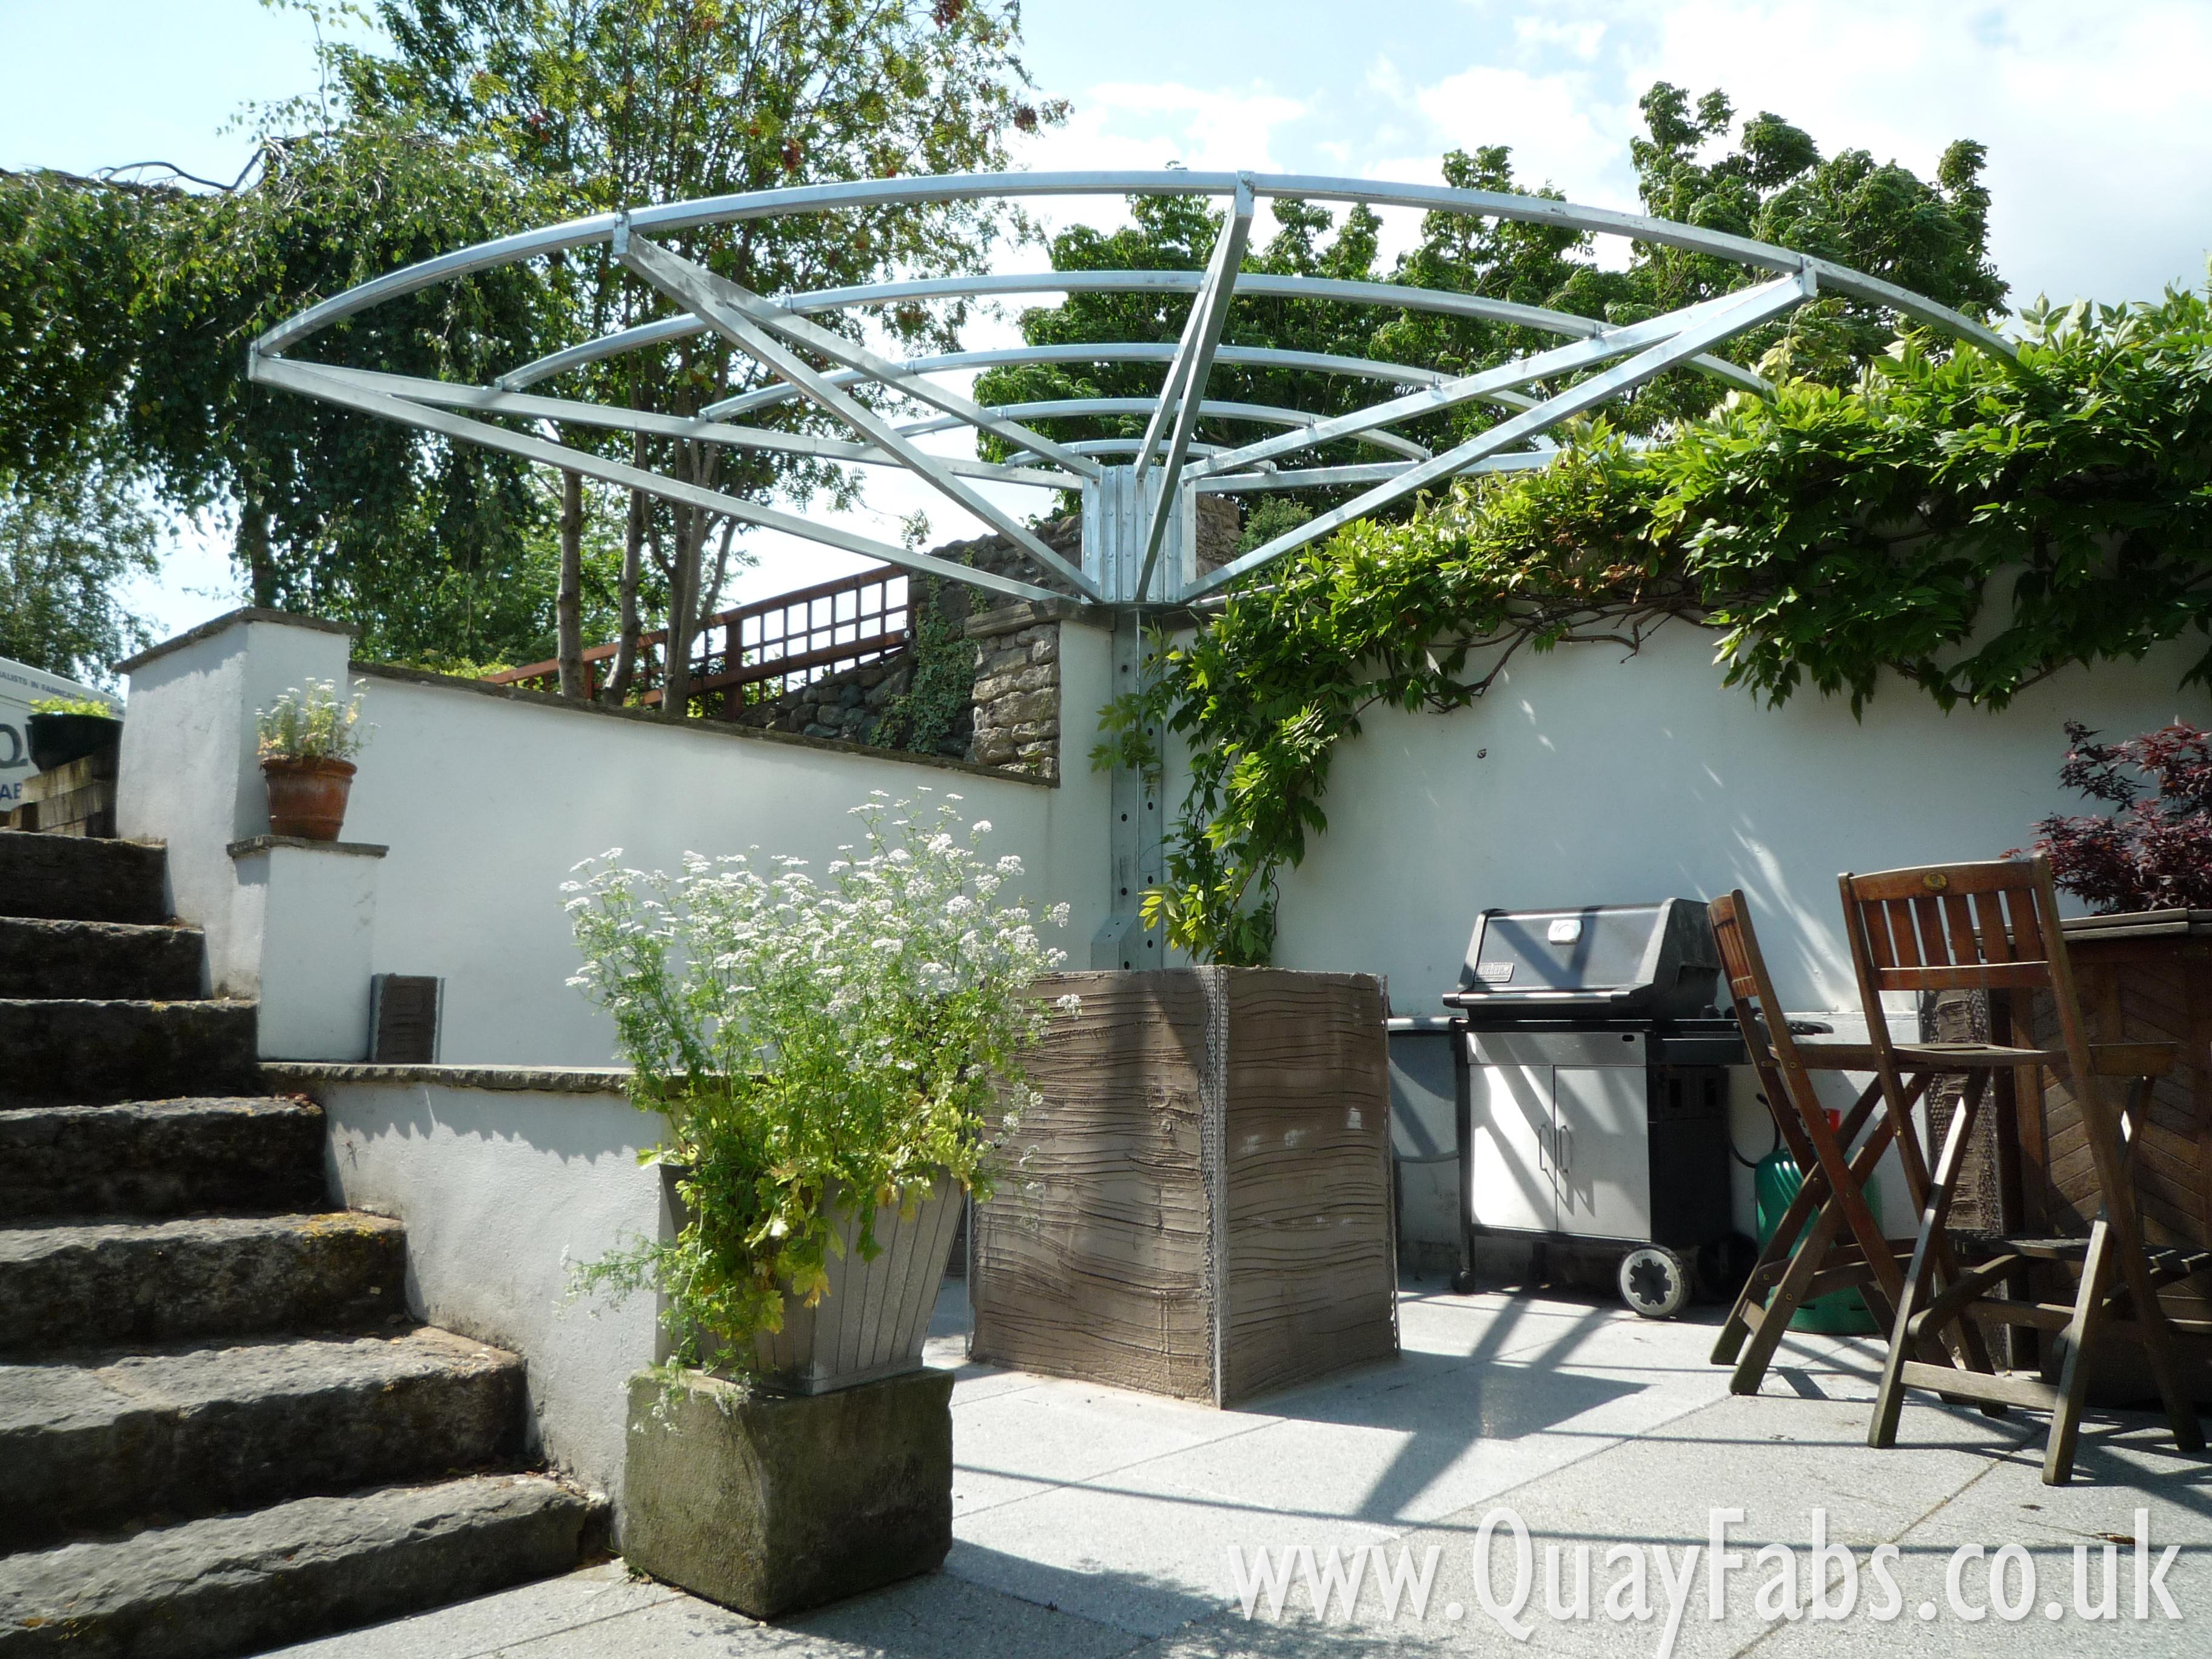 Quay Fabrications Lancaster Gardens (4)